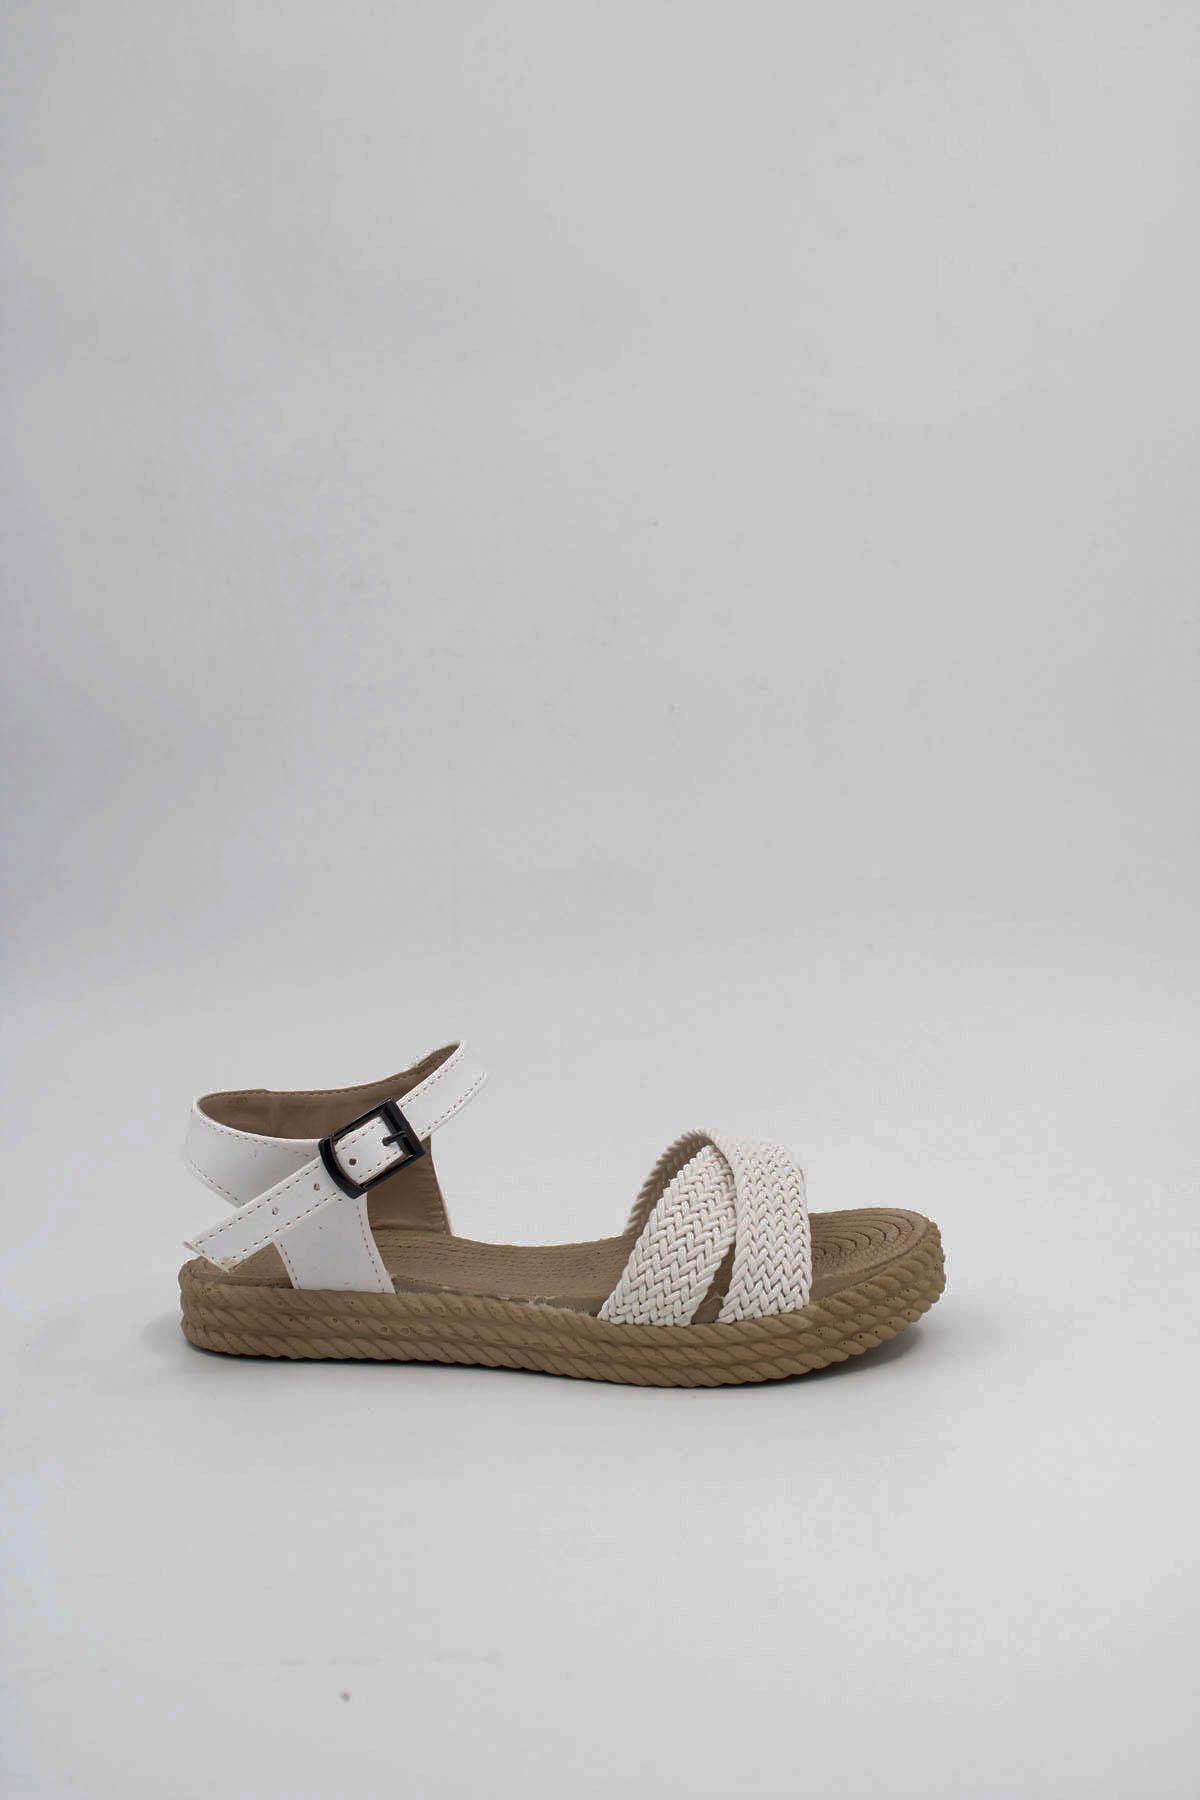 ByErz Erz24-kadın Sandalet 1